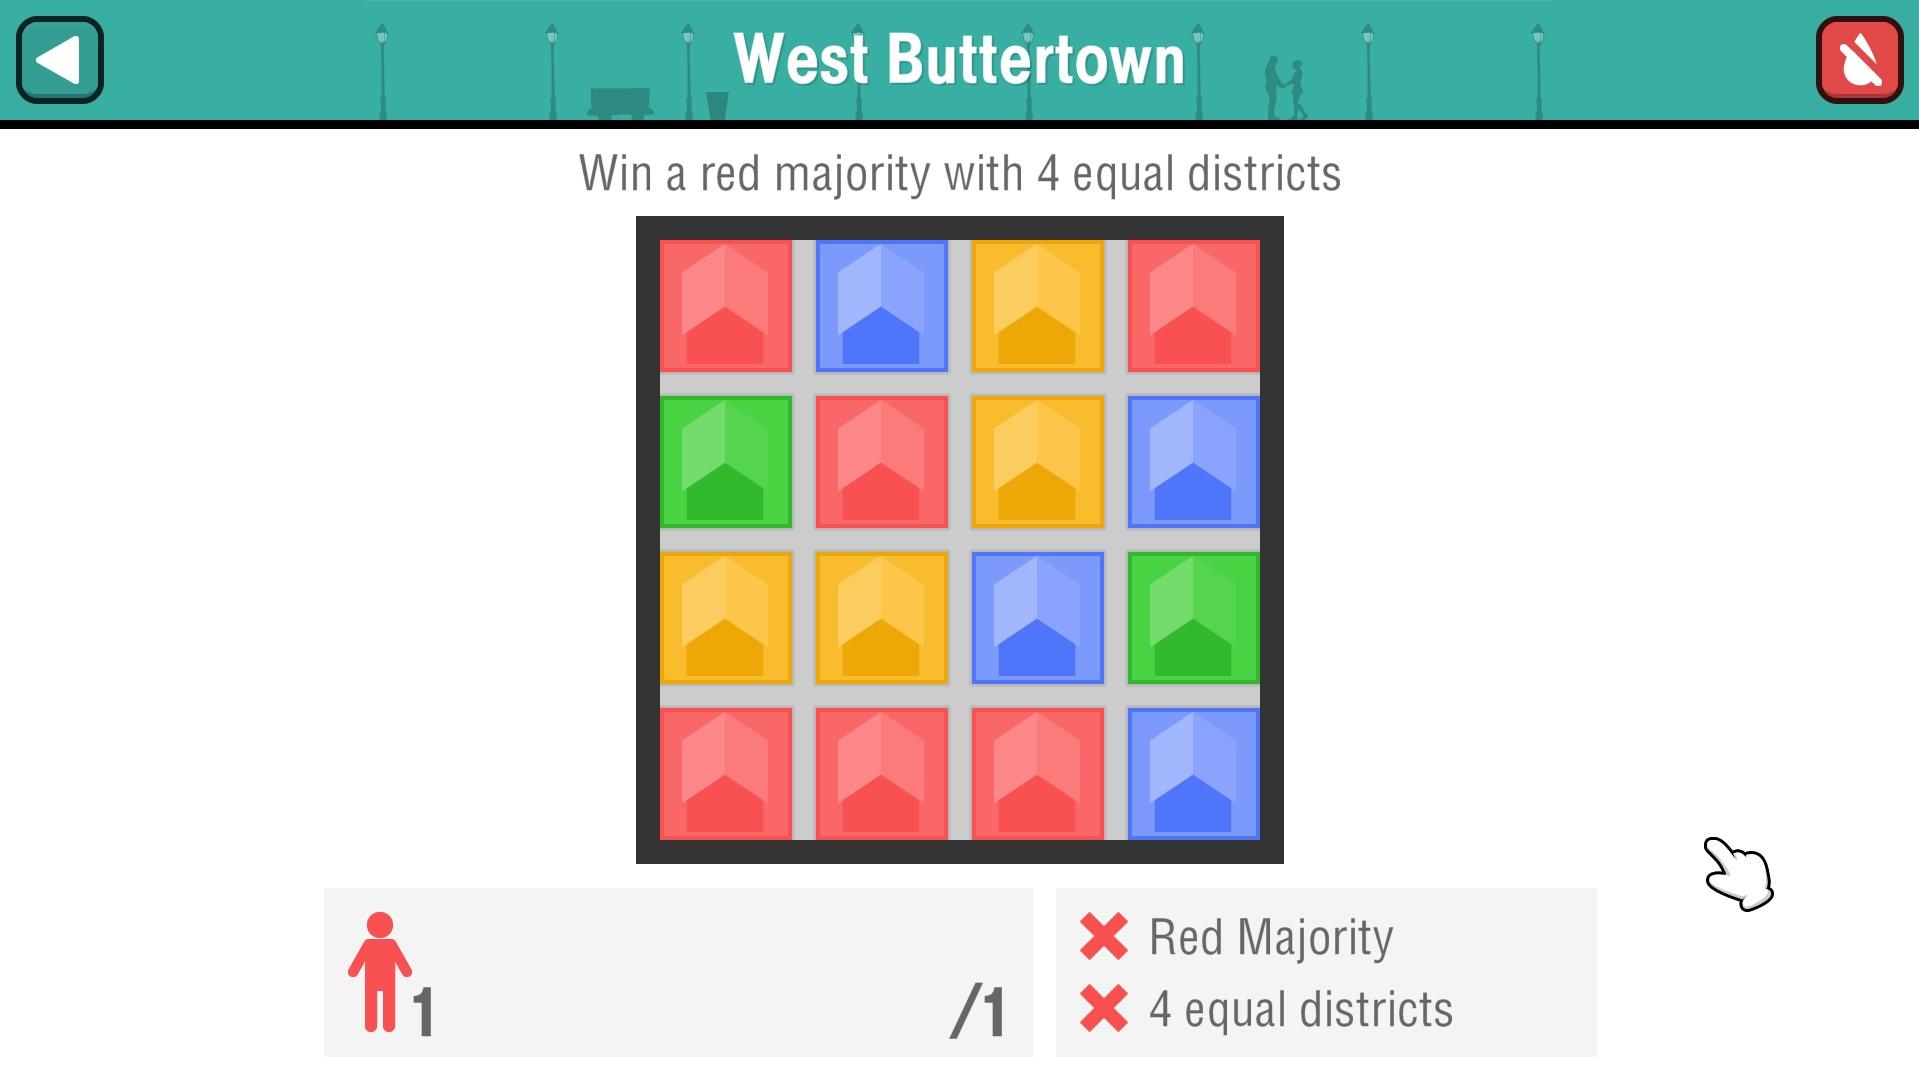 West Buttertown